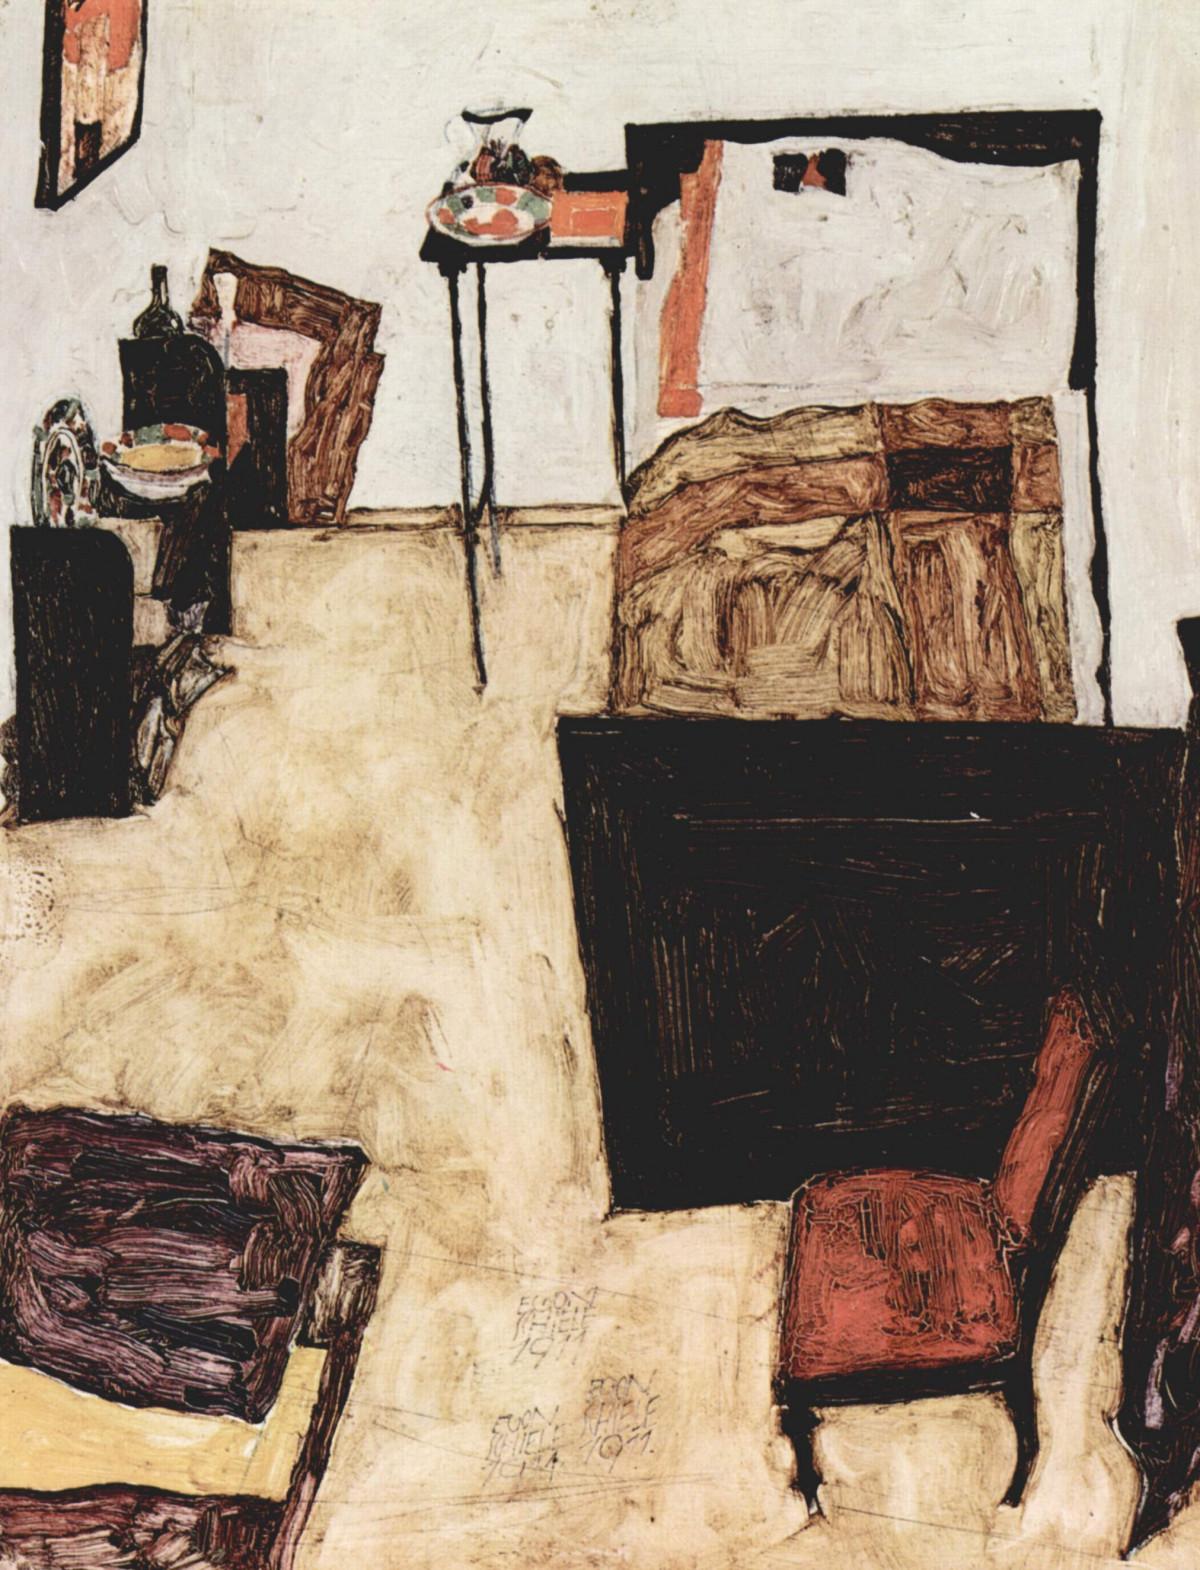 Lieblich Holz Schlafzimmer Stillleben Kunstwerk Malerei Österreich Kunst  Publicdomain Expressionismus Skizzieren Zeichnung Egonschiele Illustration  Jugendstil ...